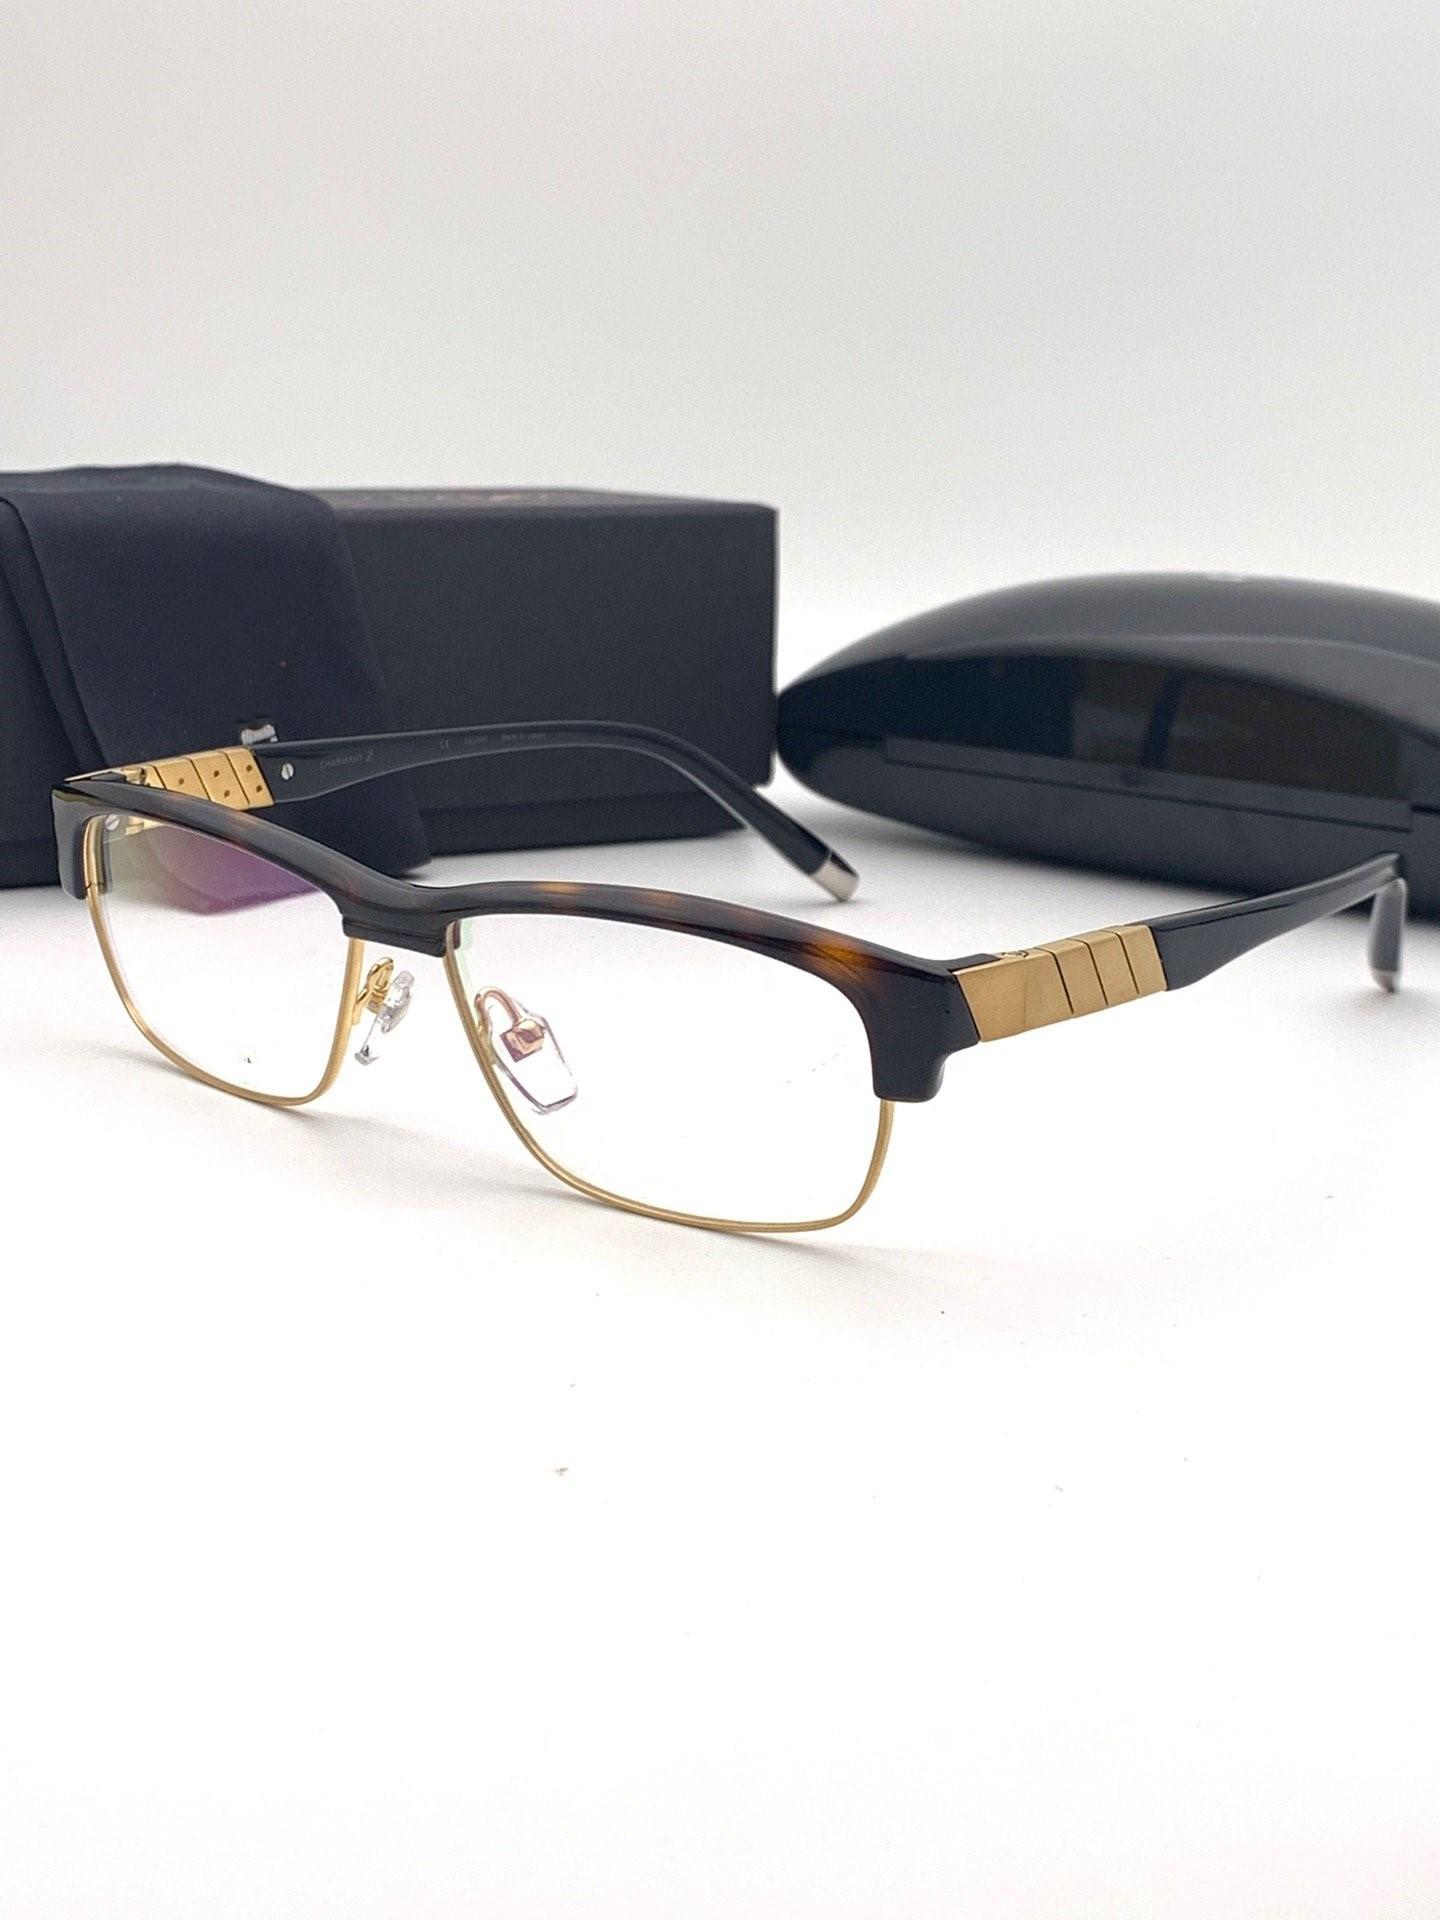 I nuovi occhiali da sole di moda d'epoca donne marchio D delle donne degli occhiali da sole signore sole all'ingrosso di alta qualità con i casi e la scatola 11773 55-13-140